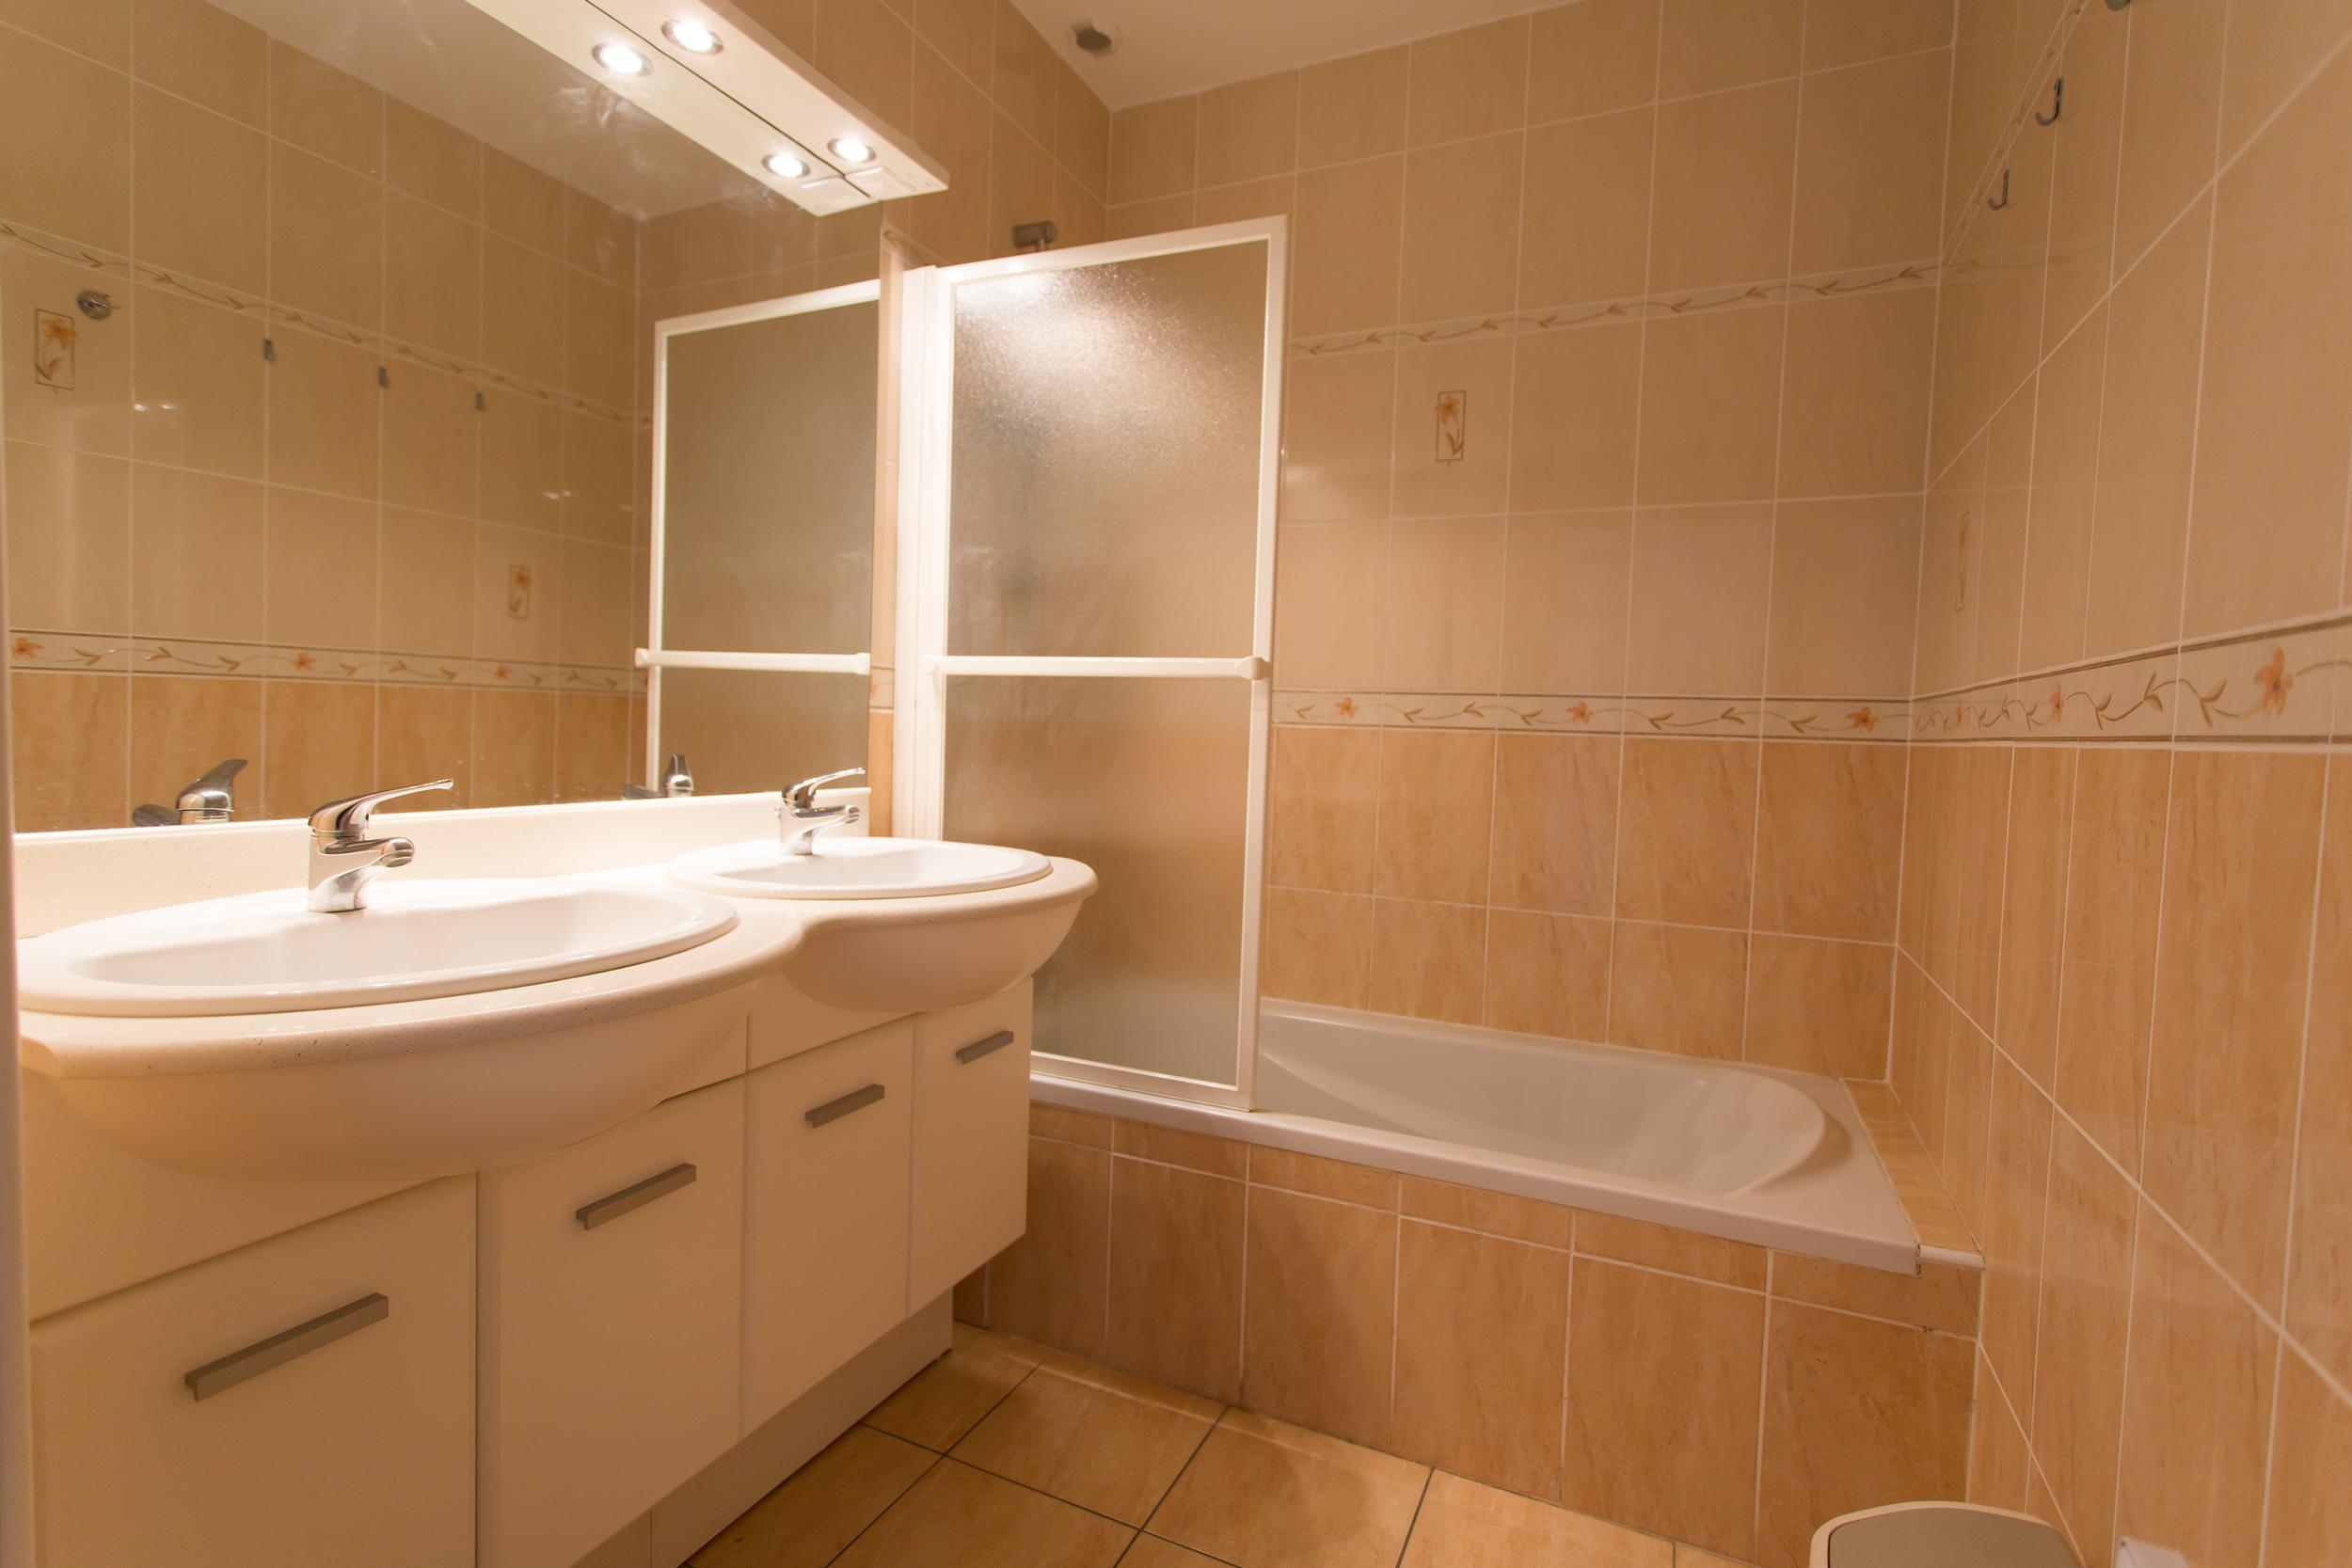 badkamer vakantiehuis te huur in zuid frankrijk